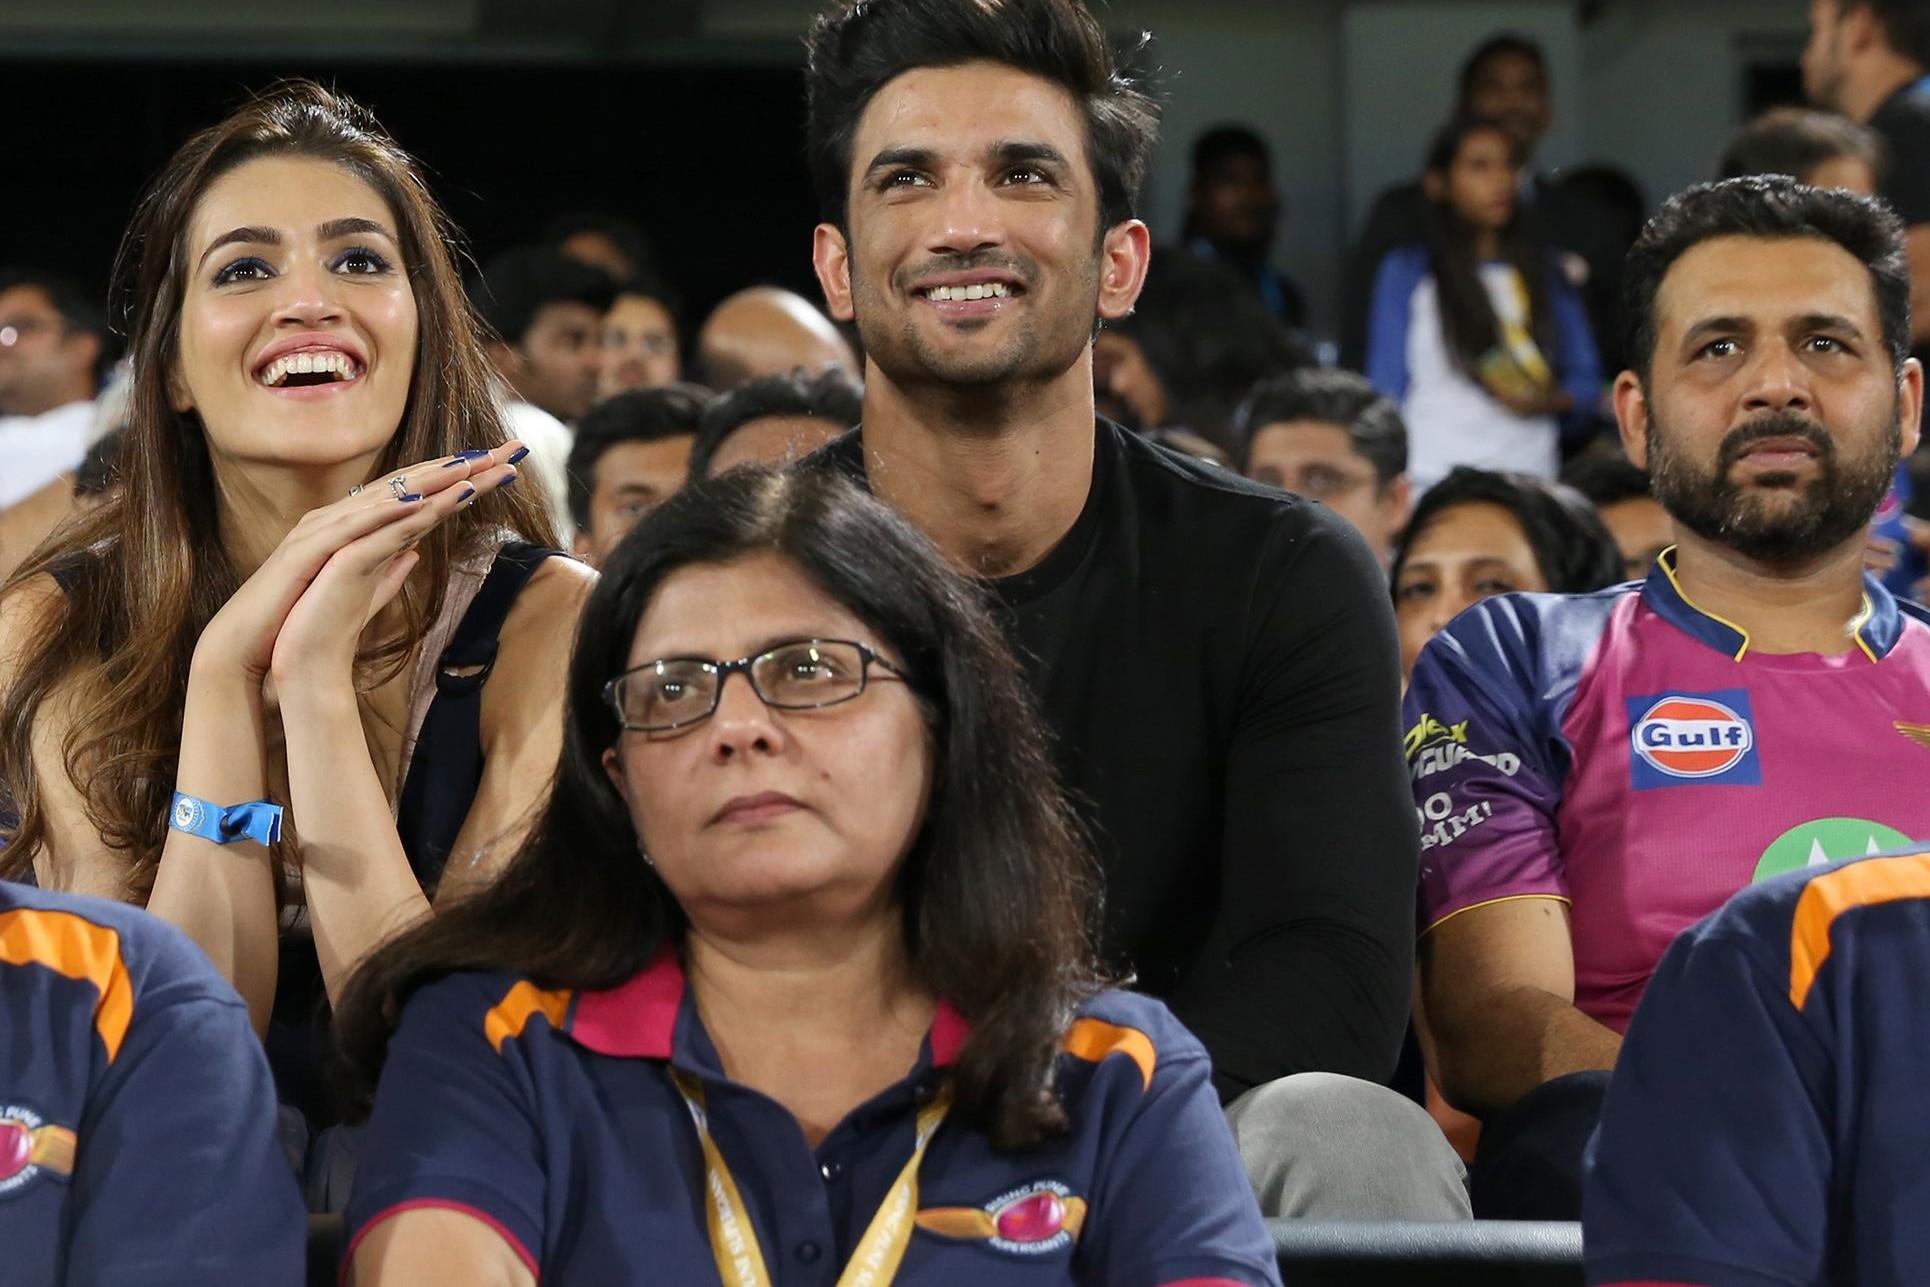 पुणे और मुंबई के बीच फाइनल मैच के दौरान इस खुबसुरत अभिनेत्री के साथ दिखे रील धोनी 49